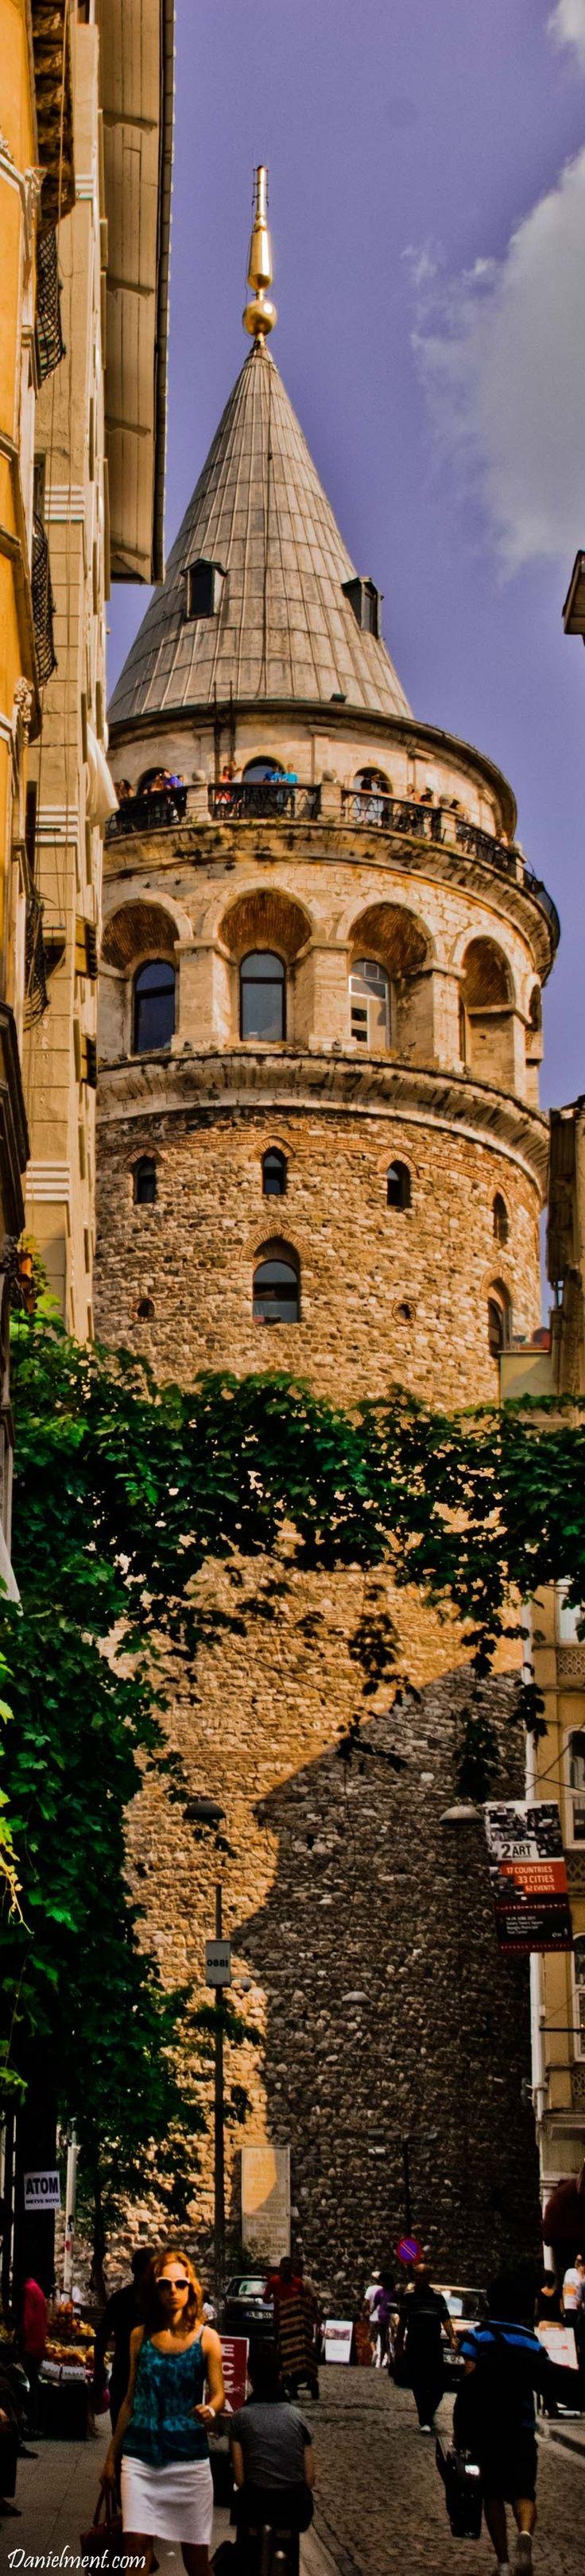 d8mart.com Башня Галата, Стамбул. Индивидуальные экскурсии по Стамбулу Исмаил Мюфтюоглу Частный гид историк. www.russkiygidvst...